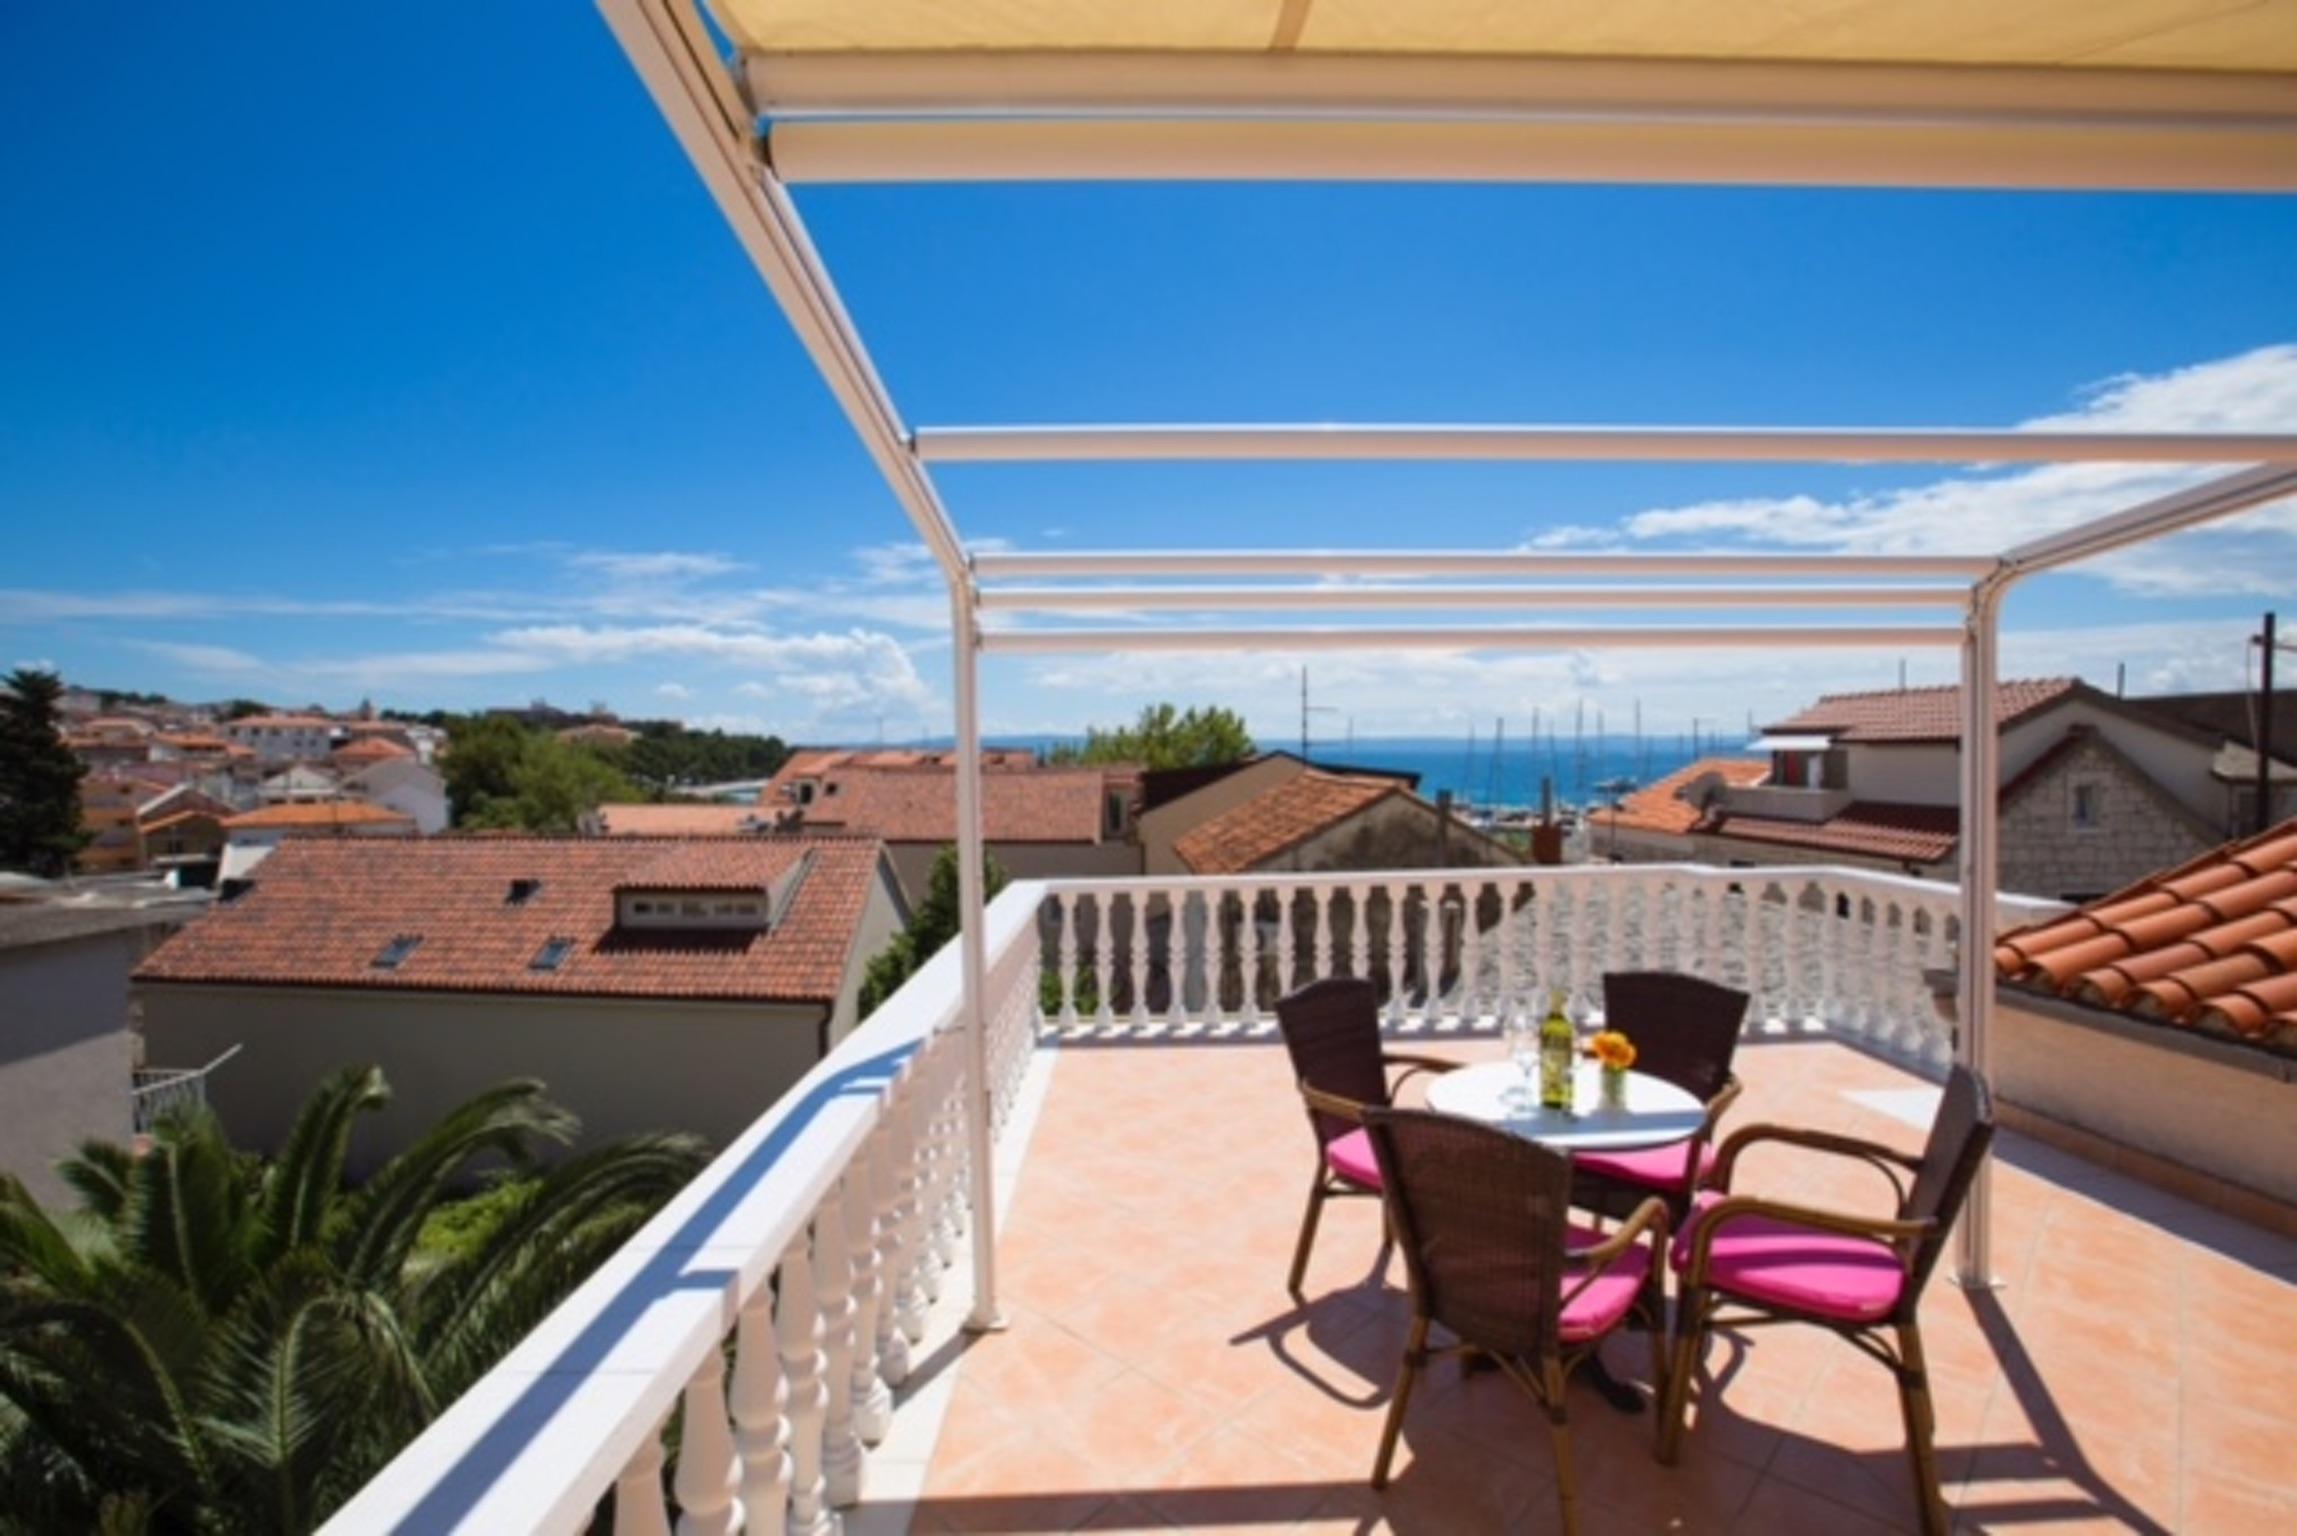 Ferienwohnung Wohnung mit 2 Zimmern in Baaka Voda mit herrlichem Meerblick, möblierter Terrasse und W-L (2201397), Baška Voda, , Dalmatien, Kroatien, Bild 1